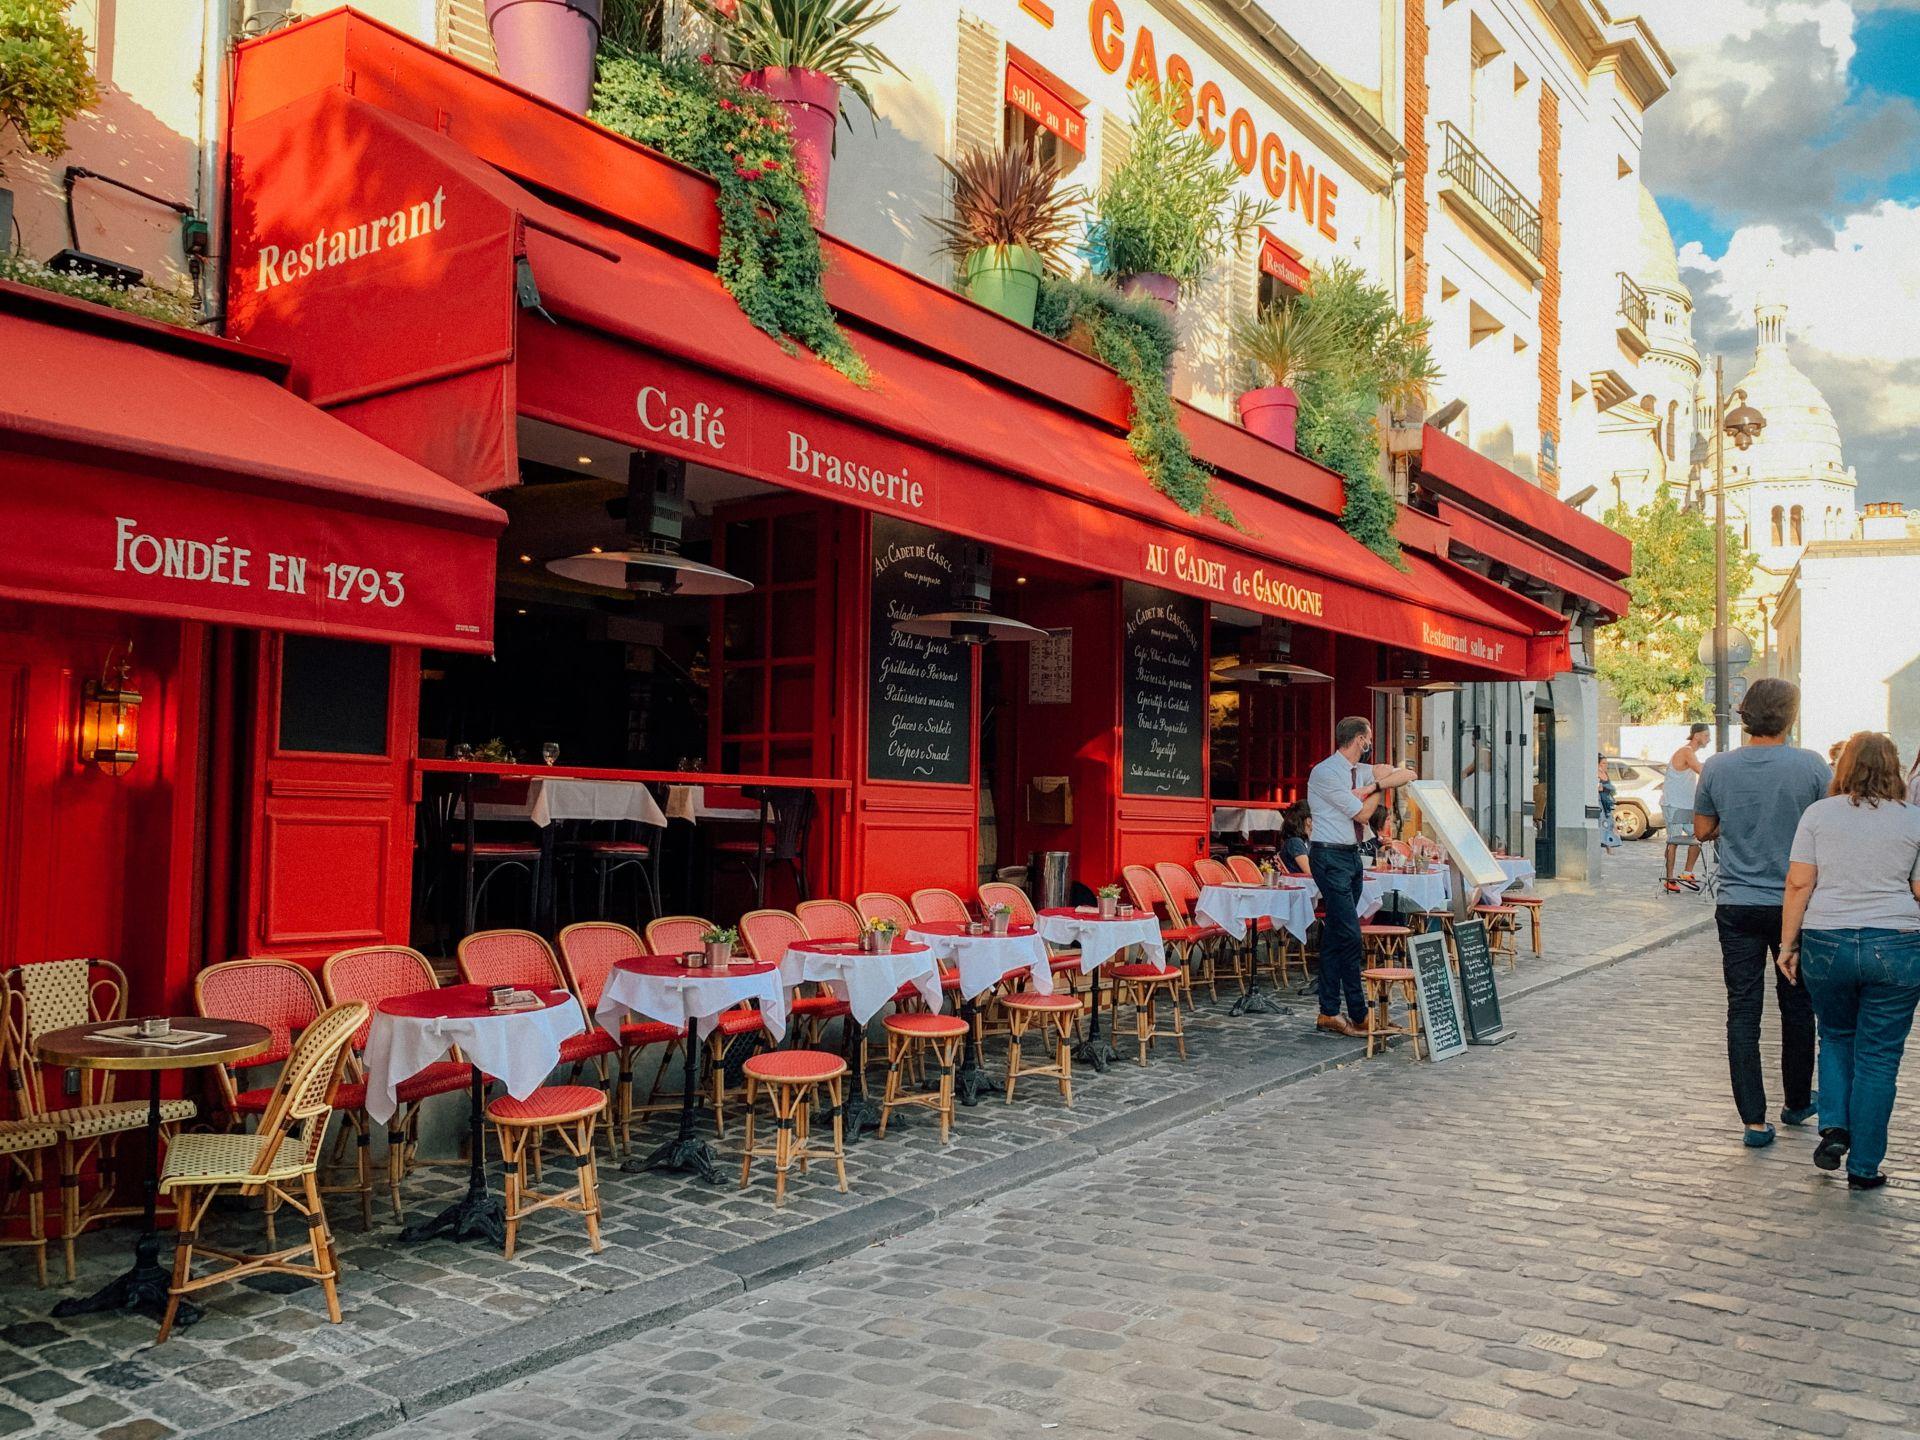 Lokal in Paris, bei dem die Sessel im Schanigarten alle Richtung Straße ausgerichtet sind